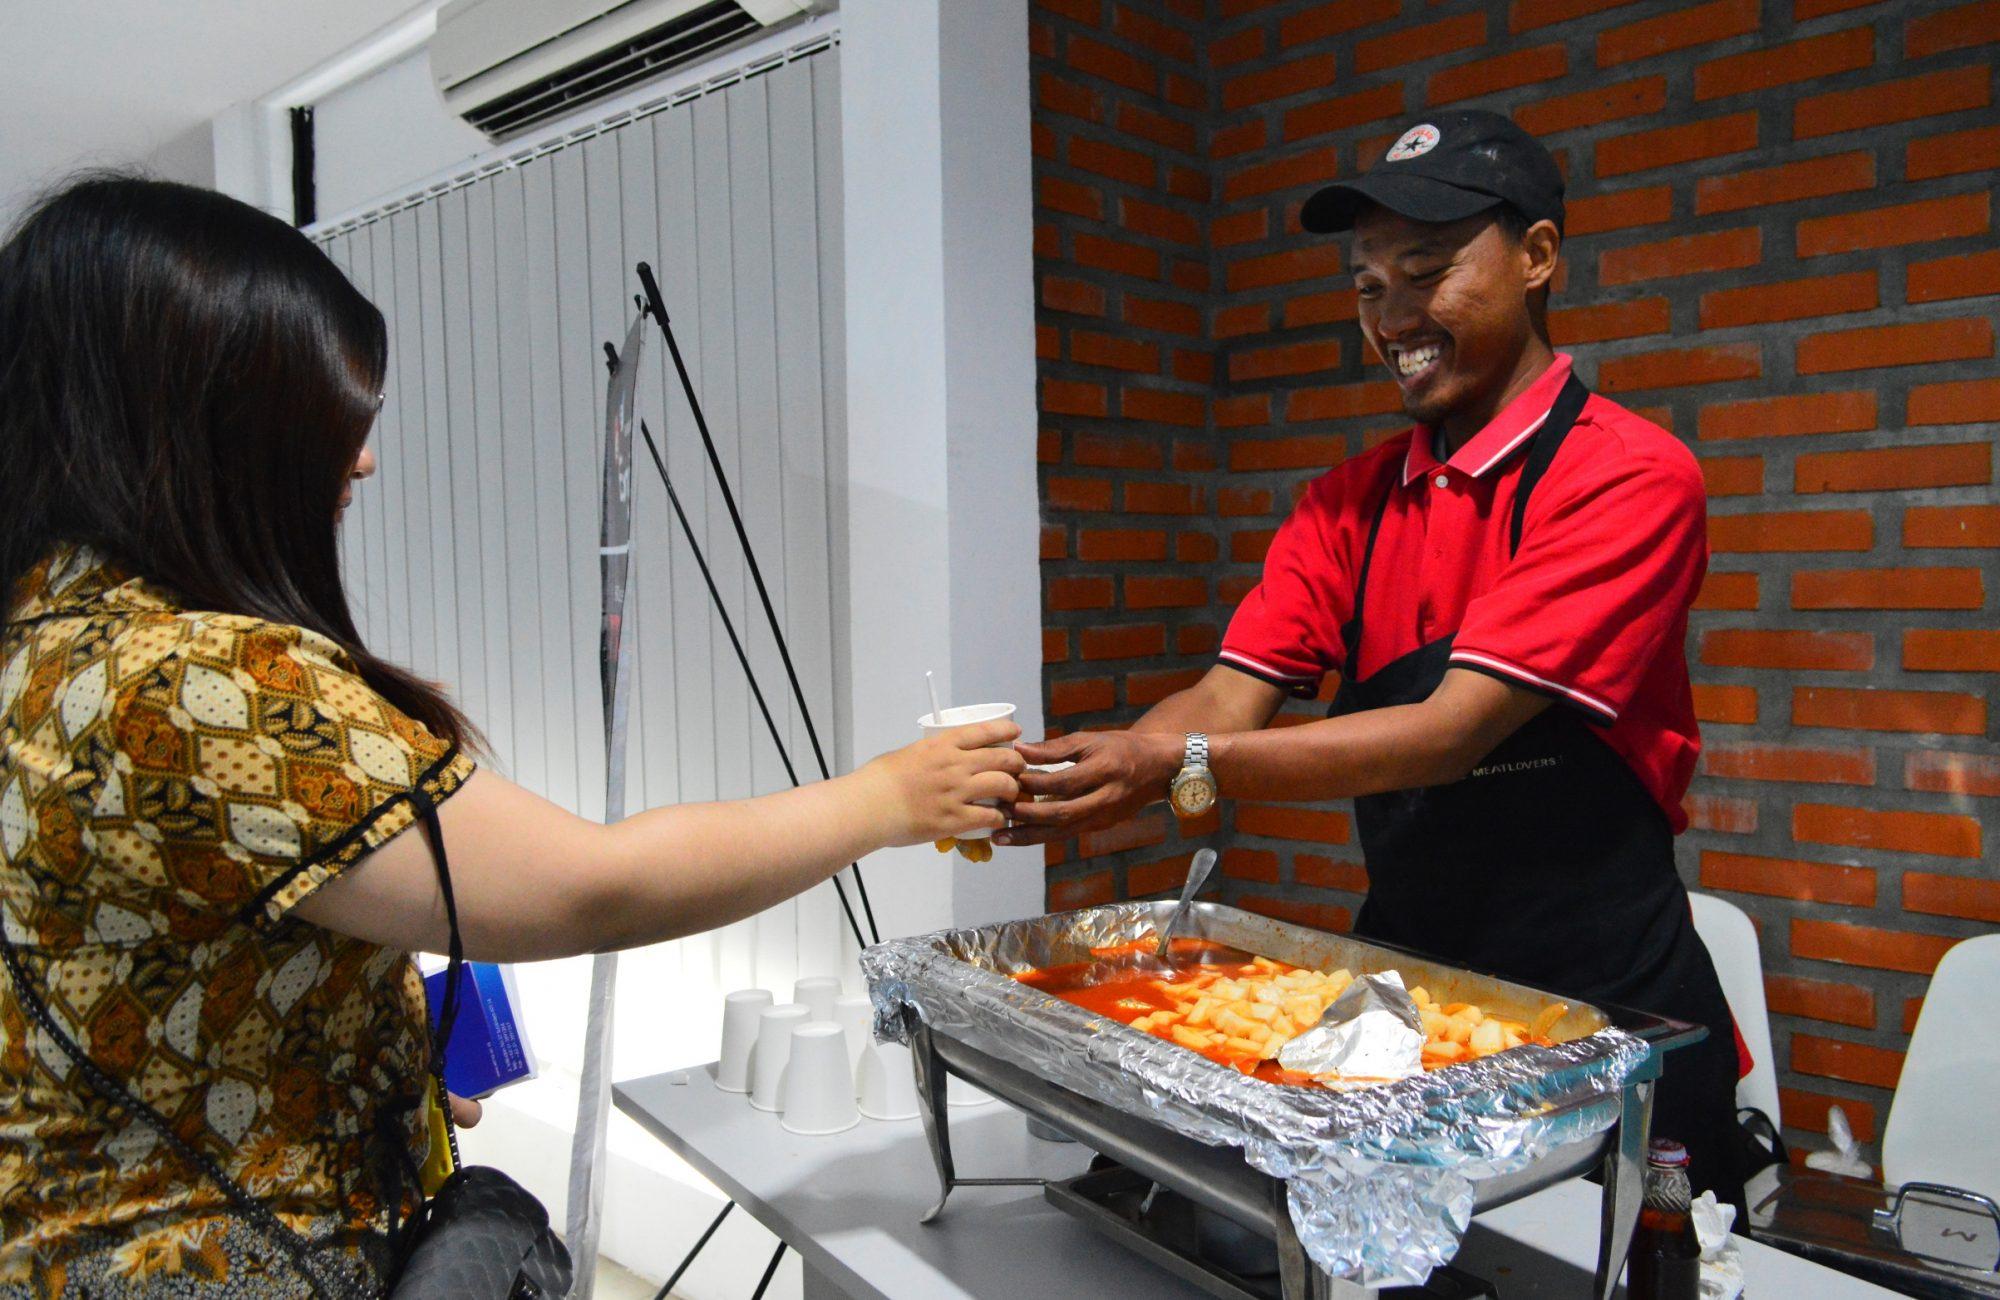 Pengunjung menikmati tteokbokki, makanan ringan ringan khas Korea secara gratis.